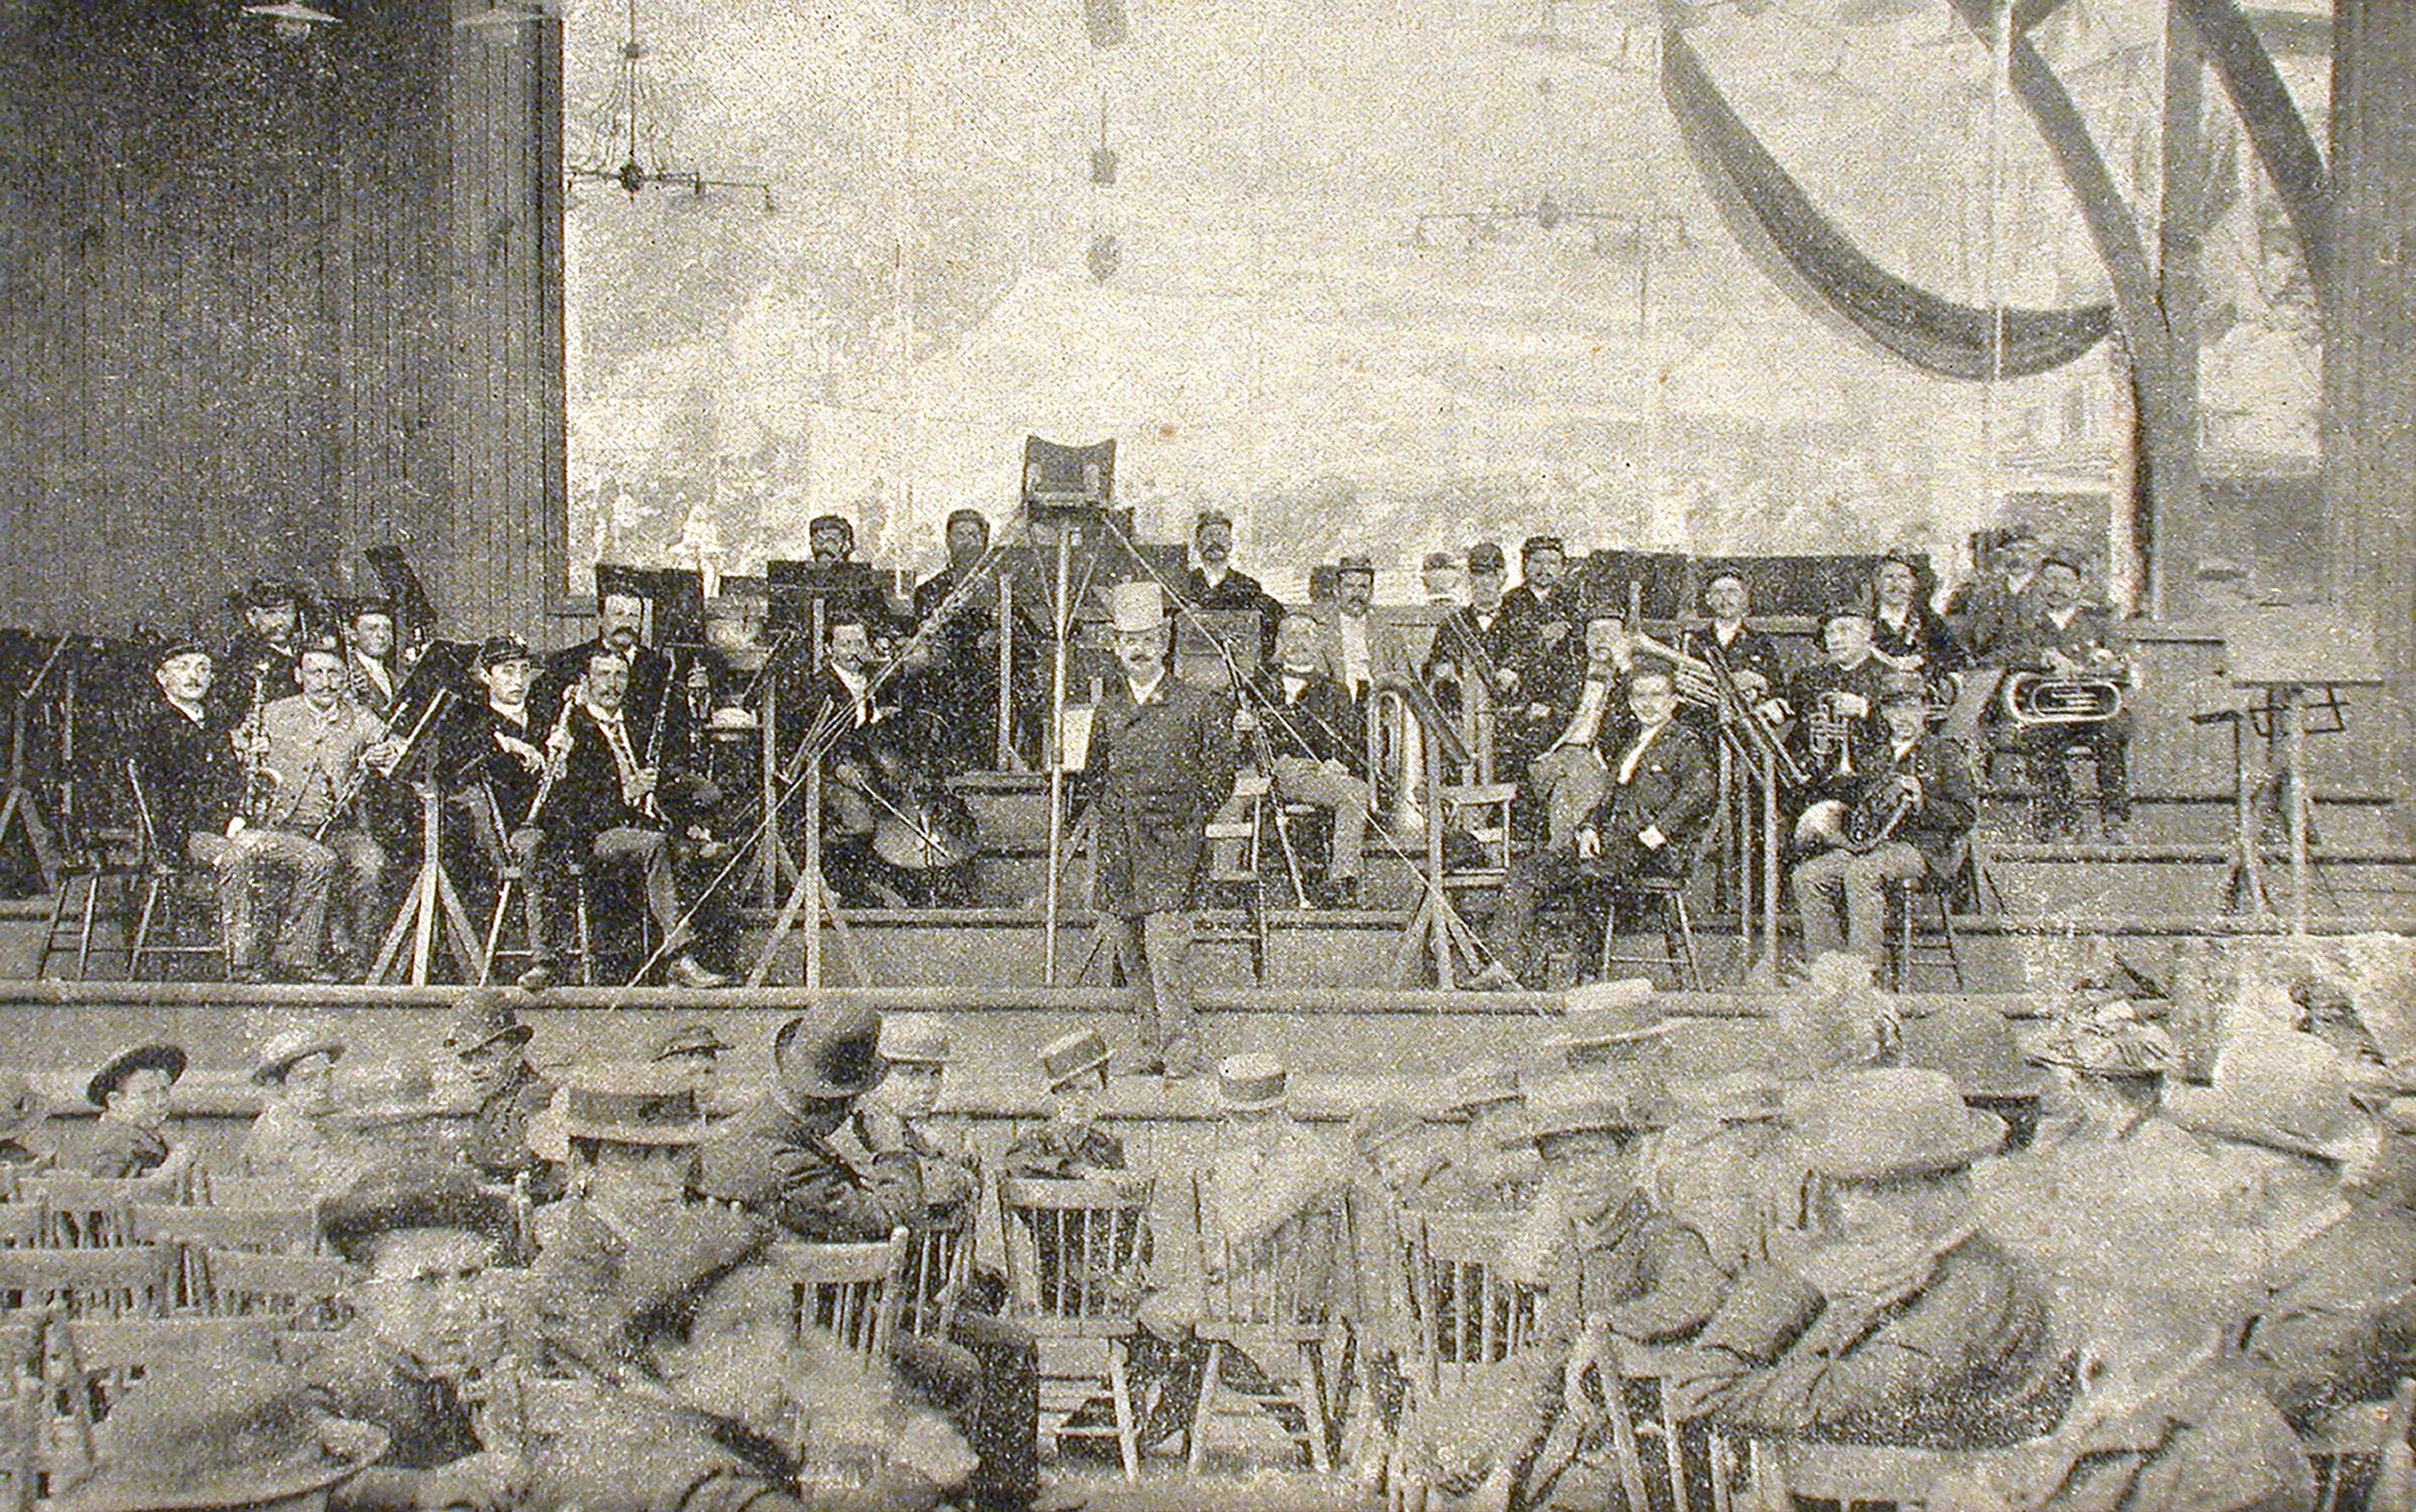 M. Lavigne et son orchestre au parc Sohmer en 1890.